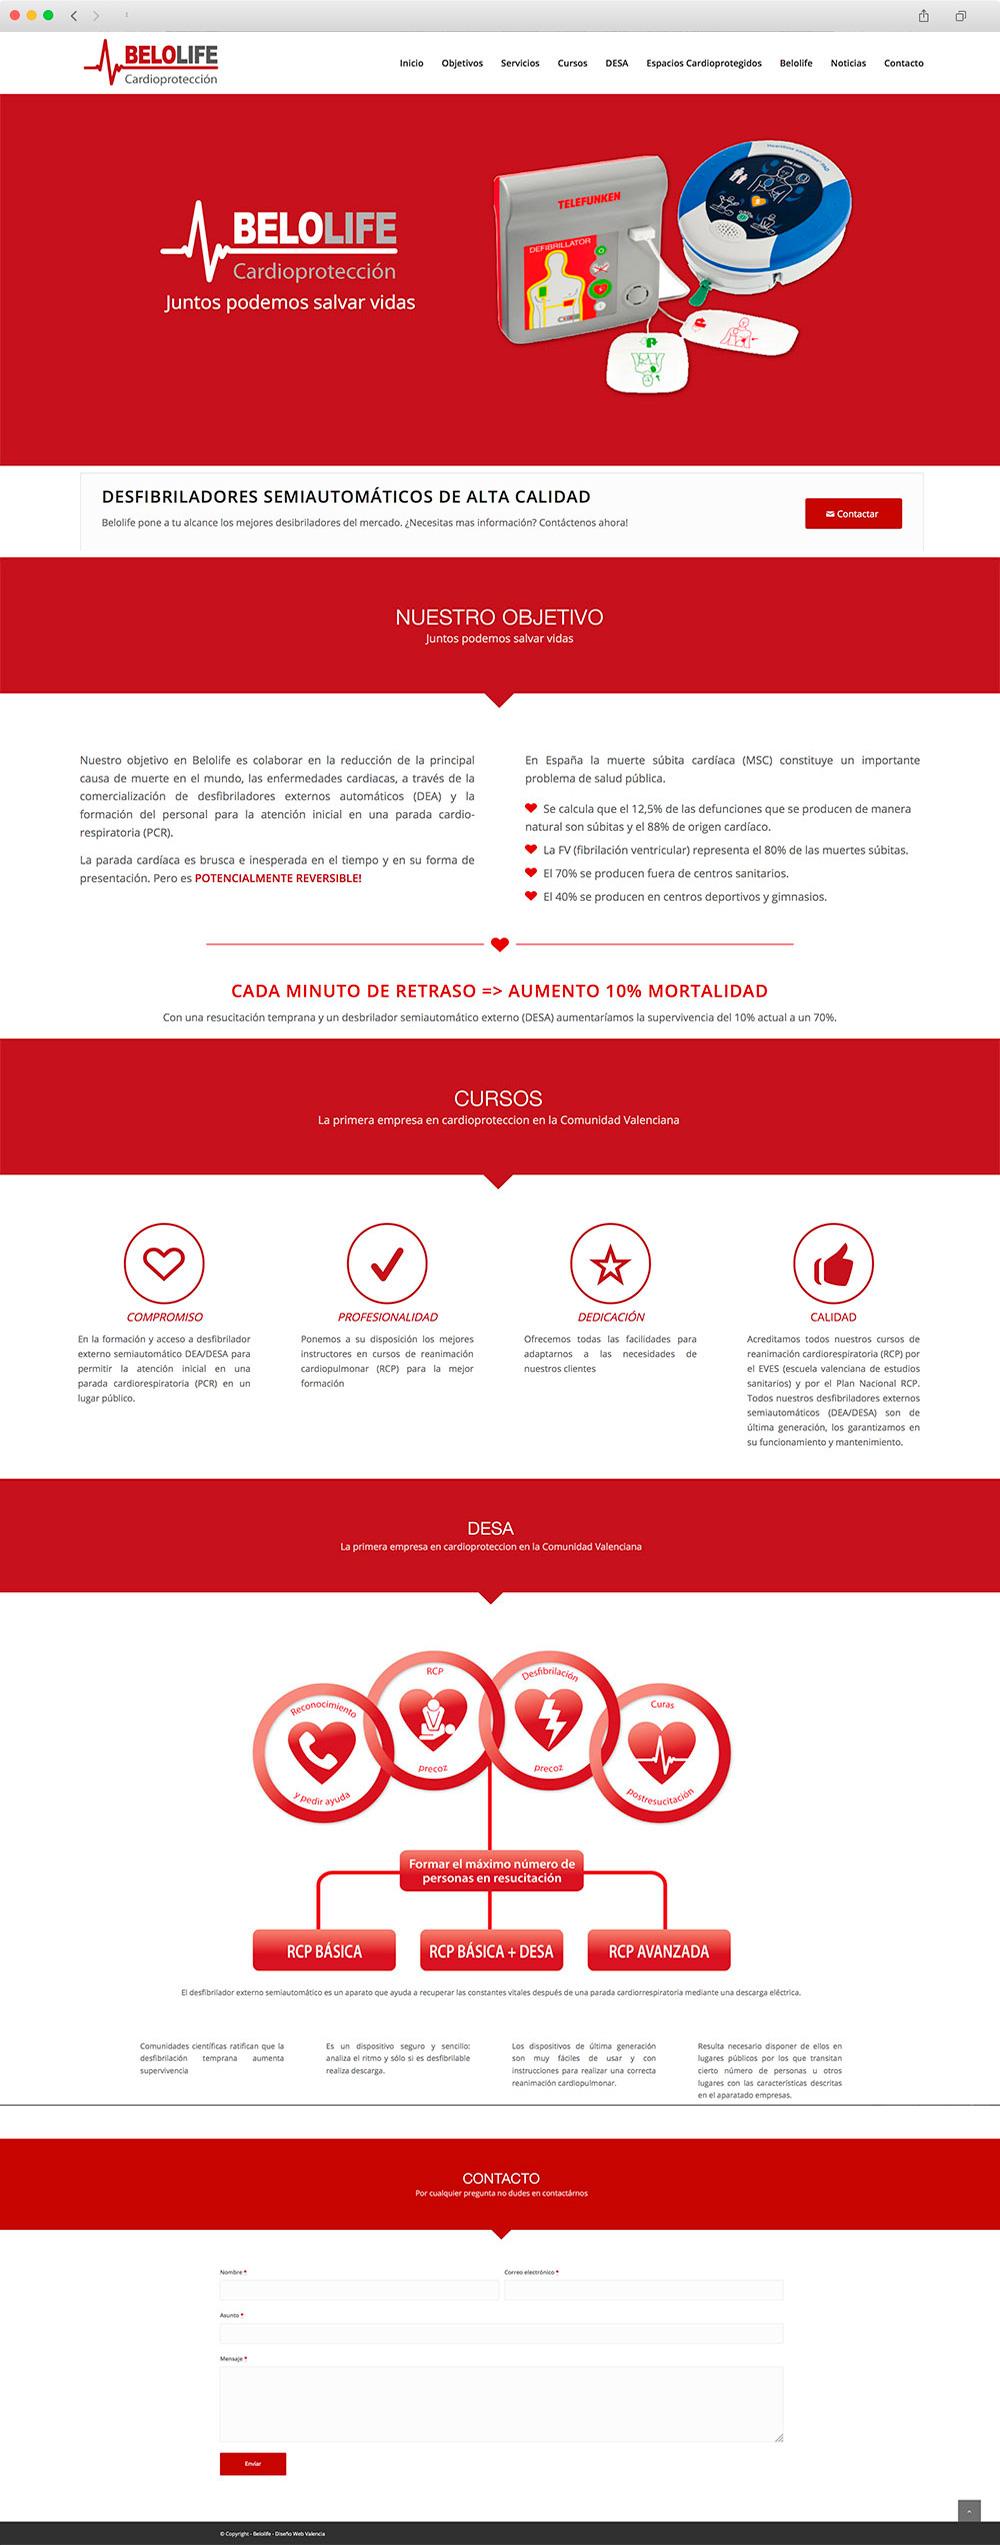 Diseño de página Web presencial para una empresa especializada en la venta y la instalación de desfibriladores en Valencia